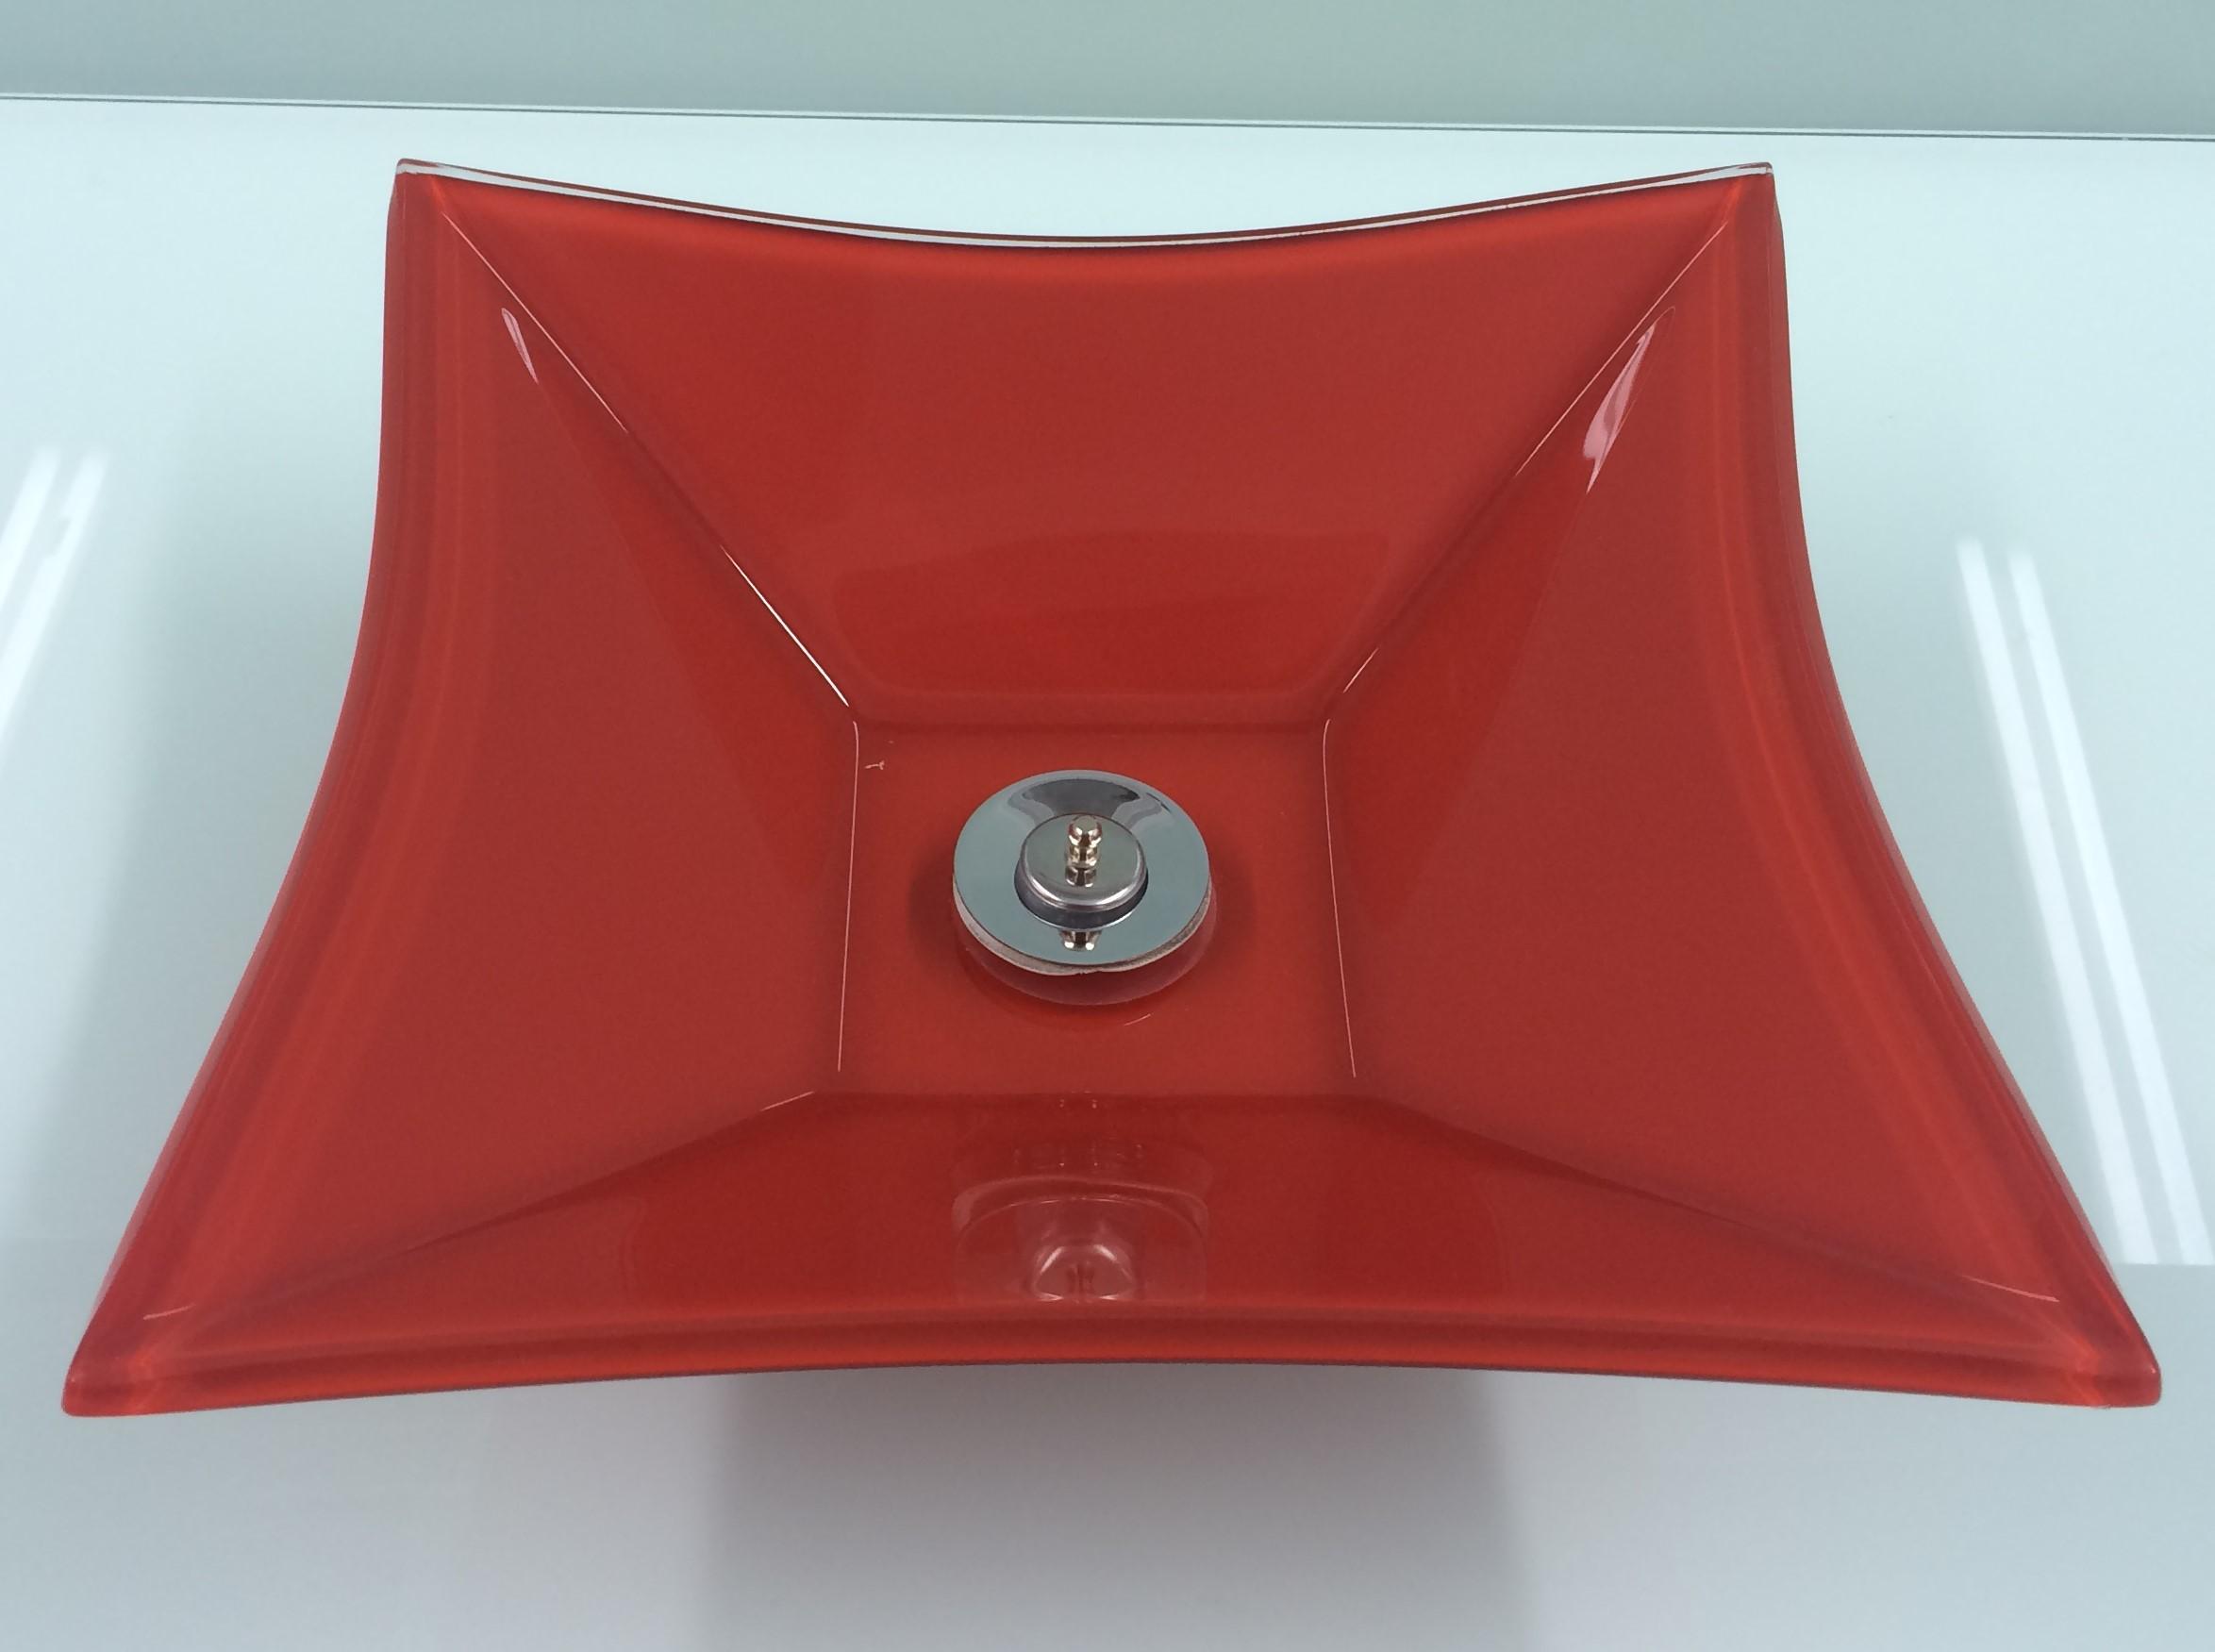 Cuba de vidro Grand Sulle 47x36 Cm Vidro Esmaltado vermelho